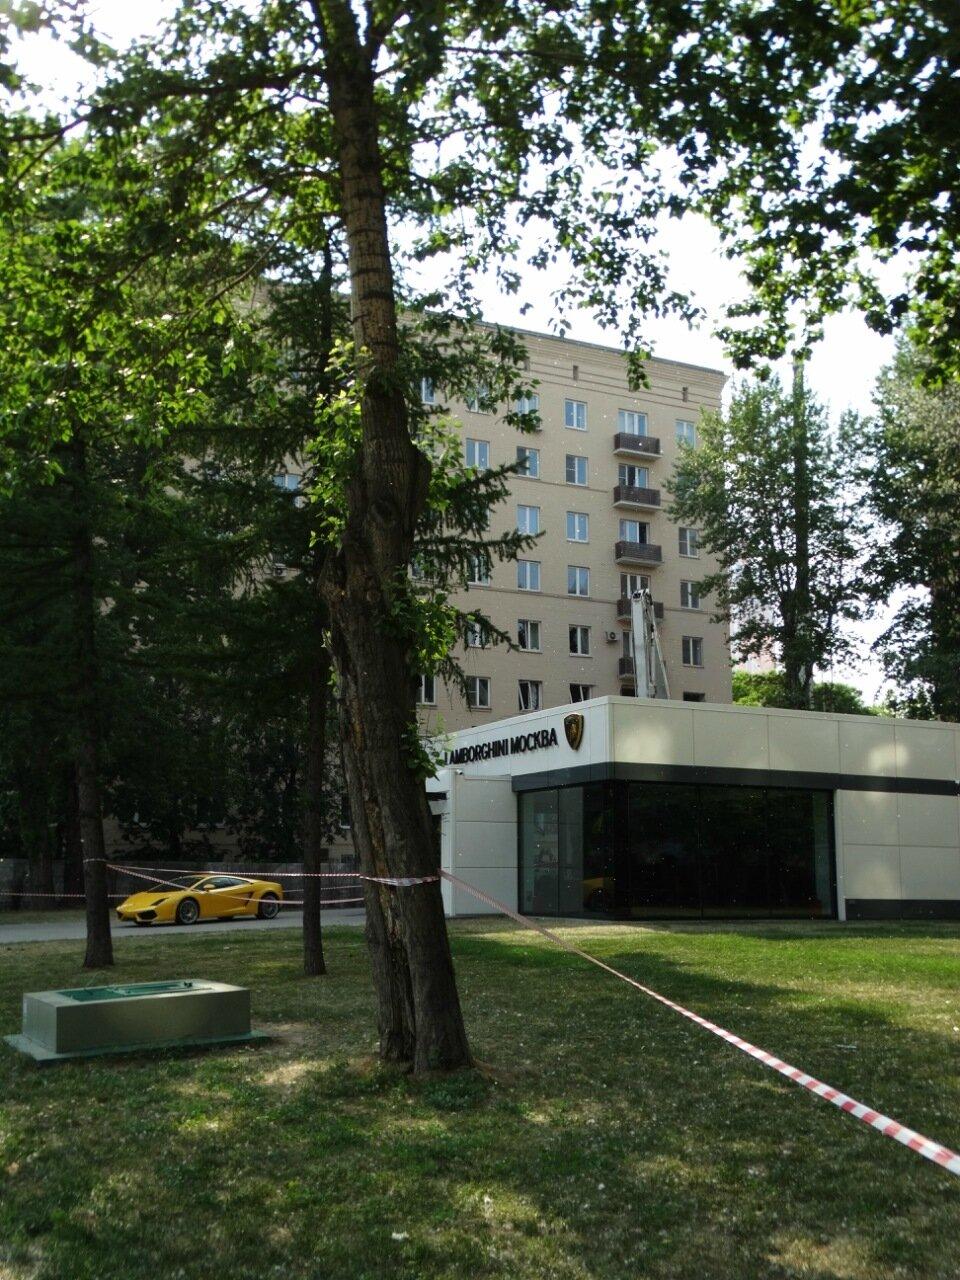 http://img-fotki.yandex.ru/get/4703/8217593.16c/0_ae65a_a3911d65_XXXL.jpg